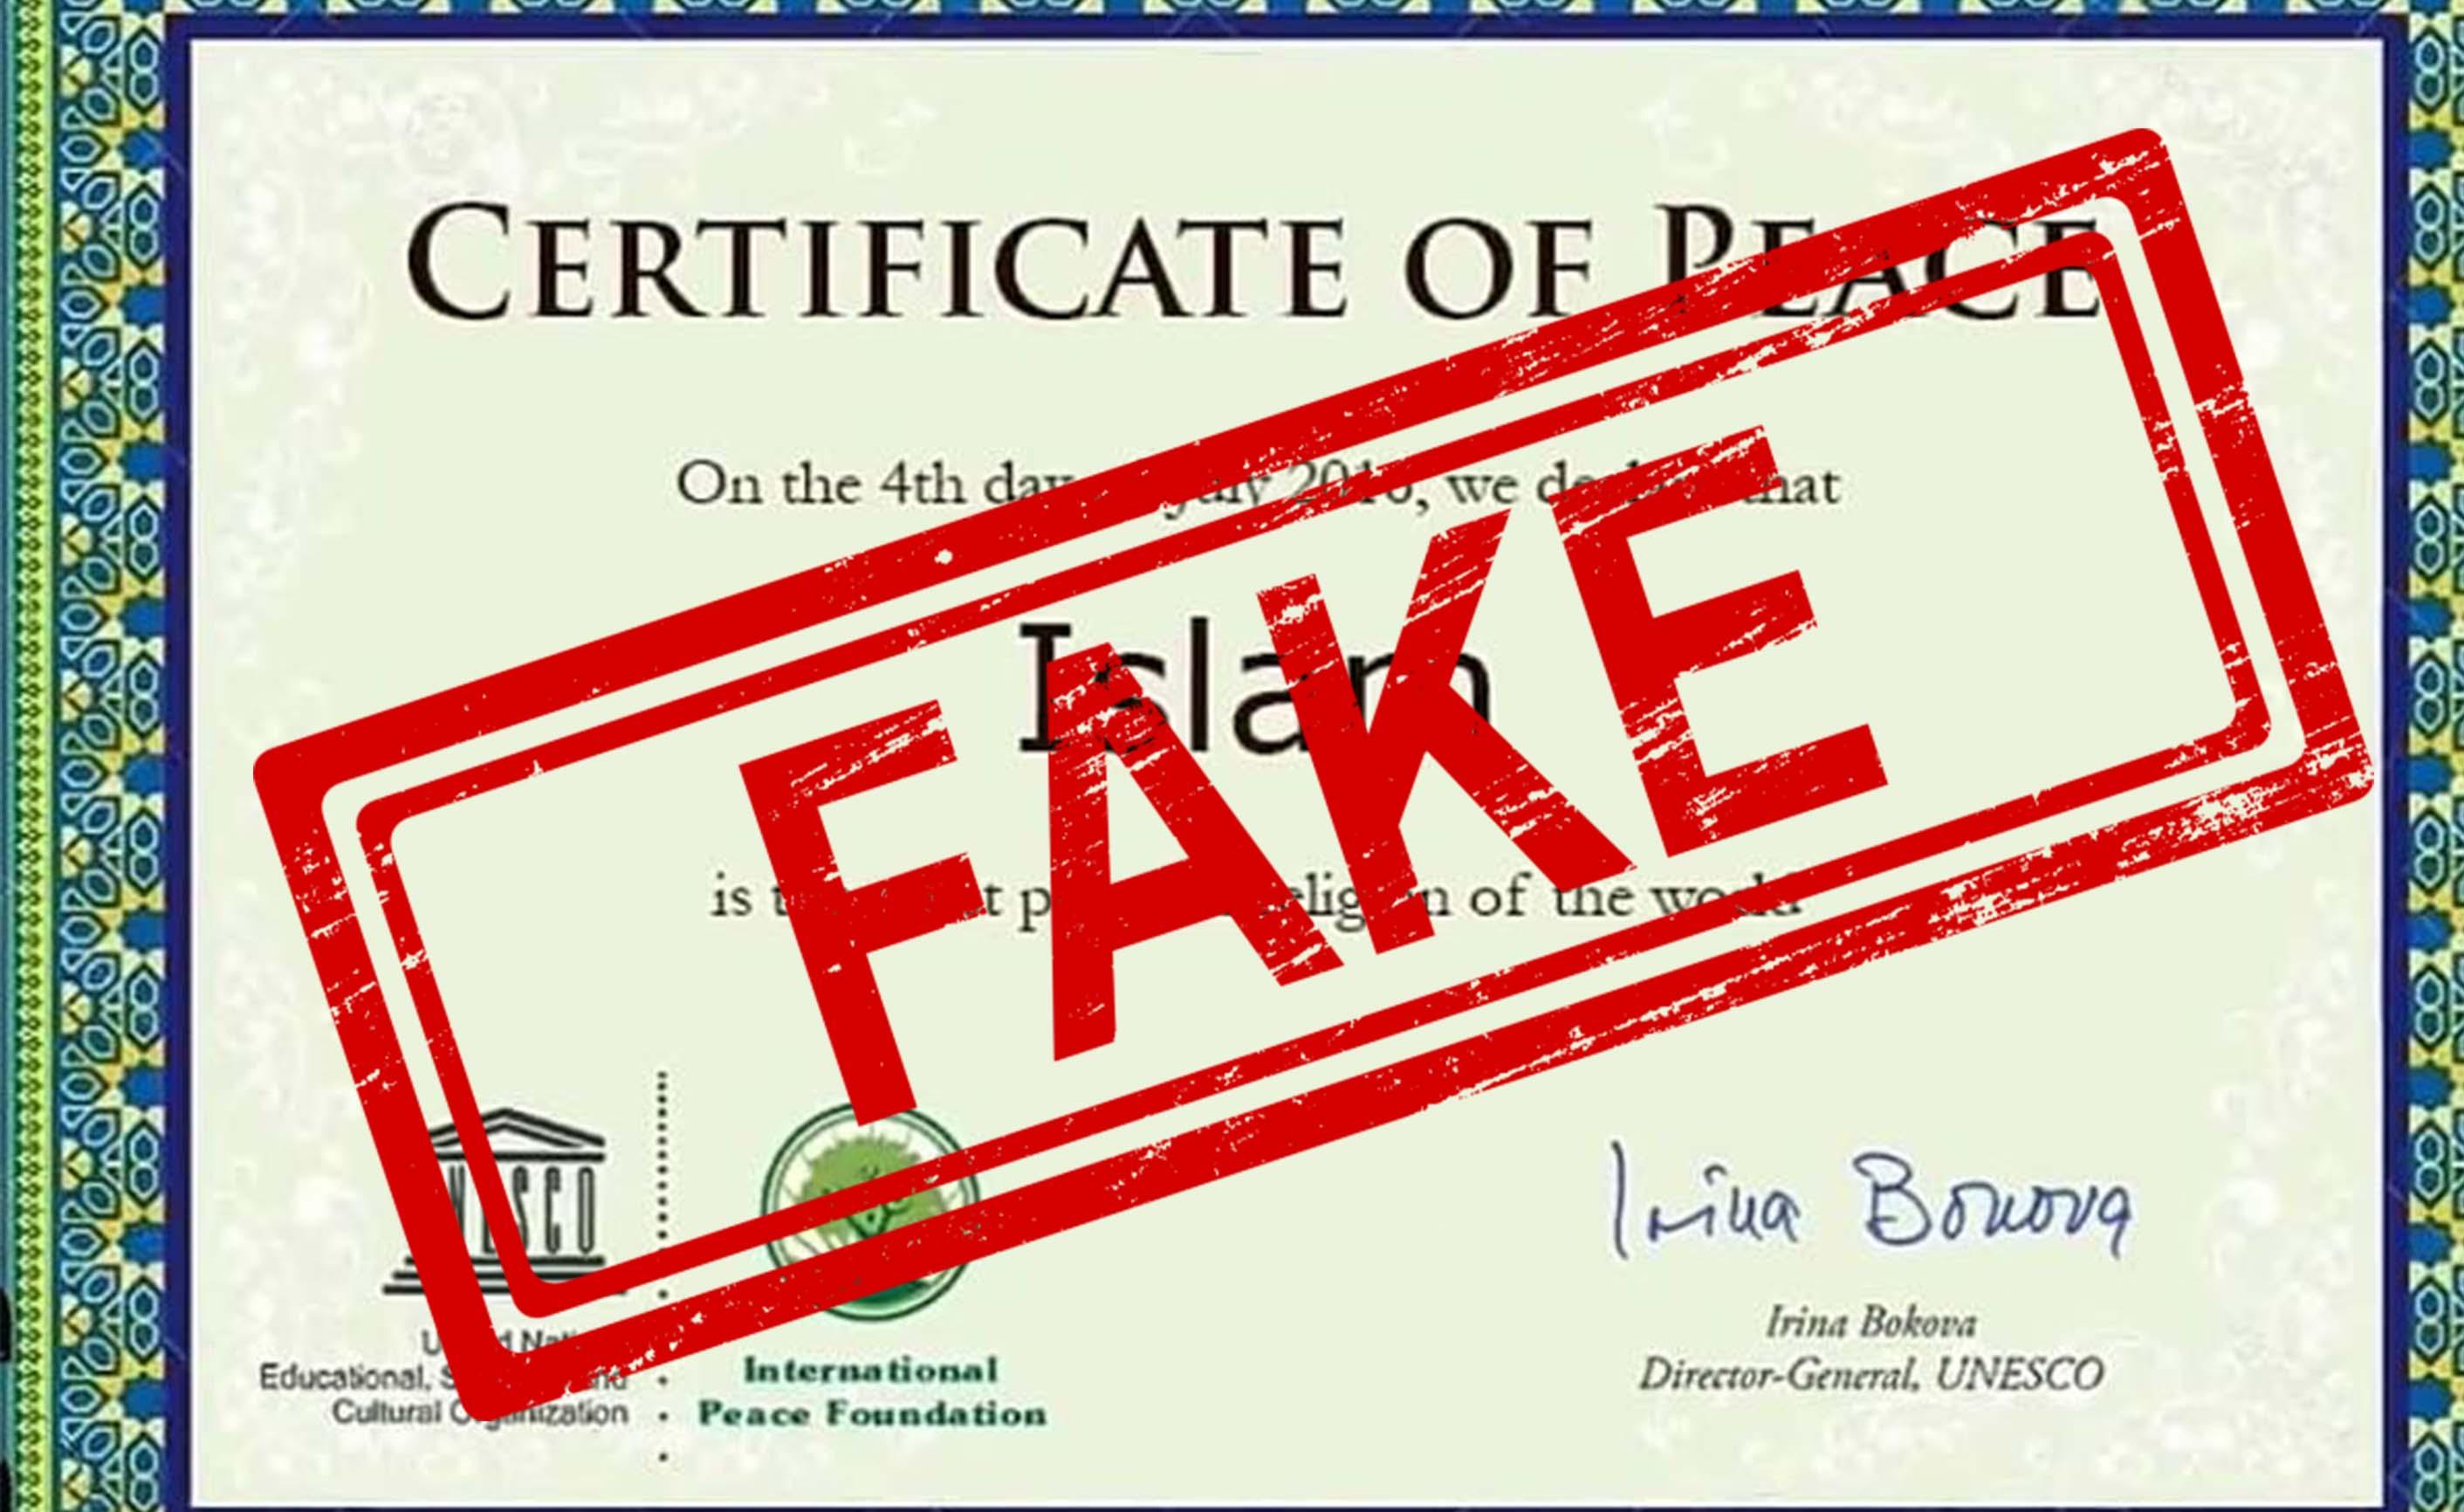 UNESCO, Islam, Peaceful, Religion, NewsMobile, Mobile, News, India, Fact Check, Fact Checker, Fake